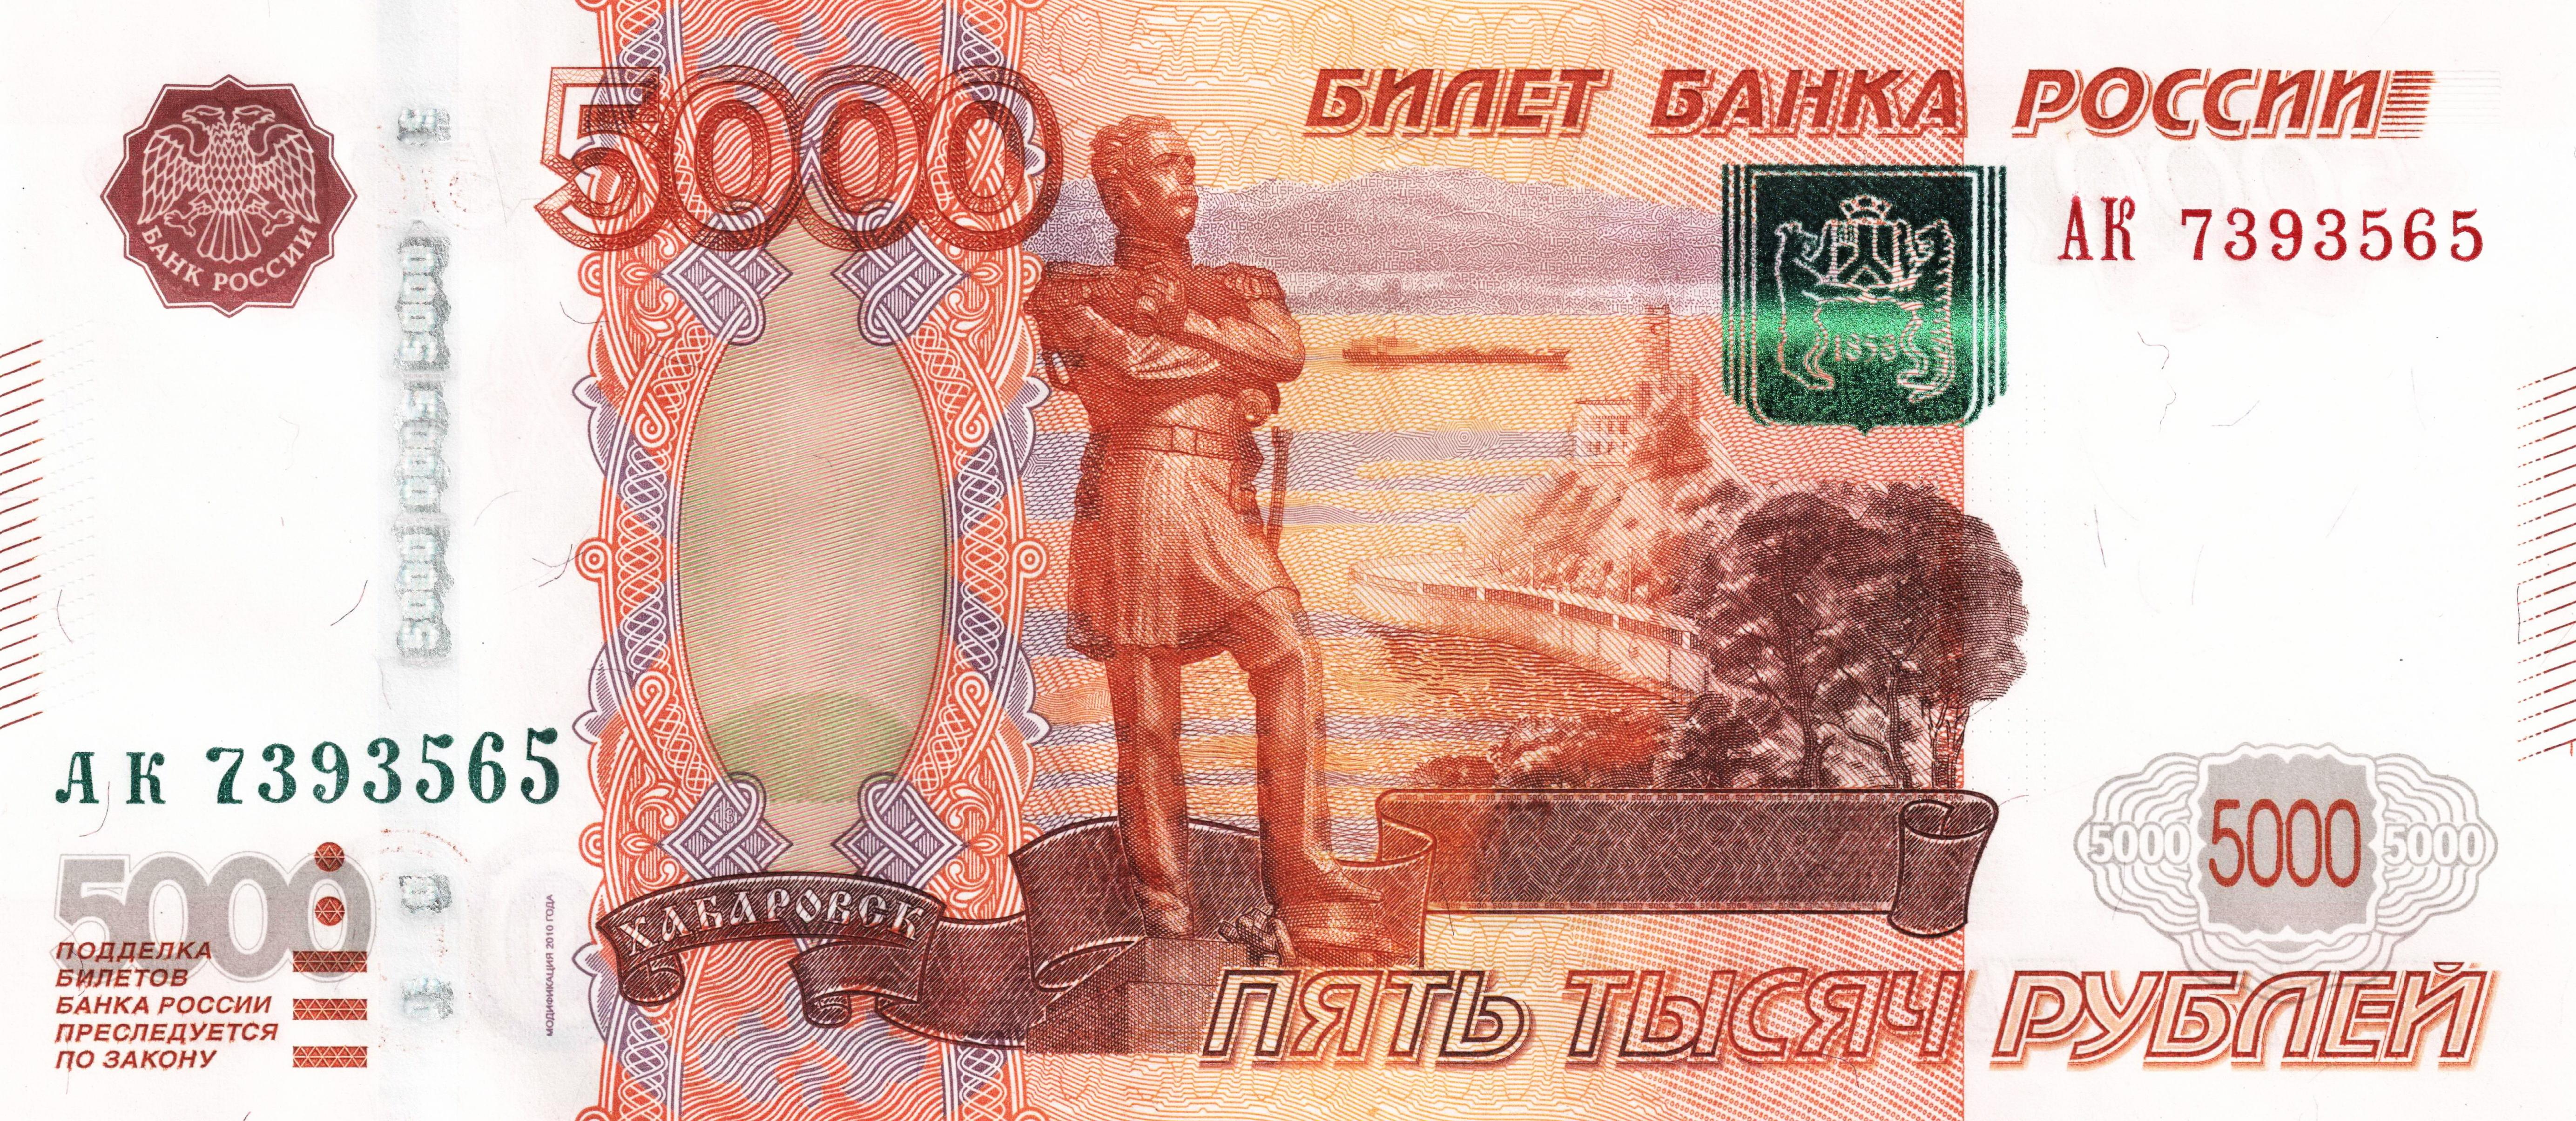 5 000 рублей сколько центов в евро